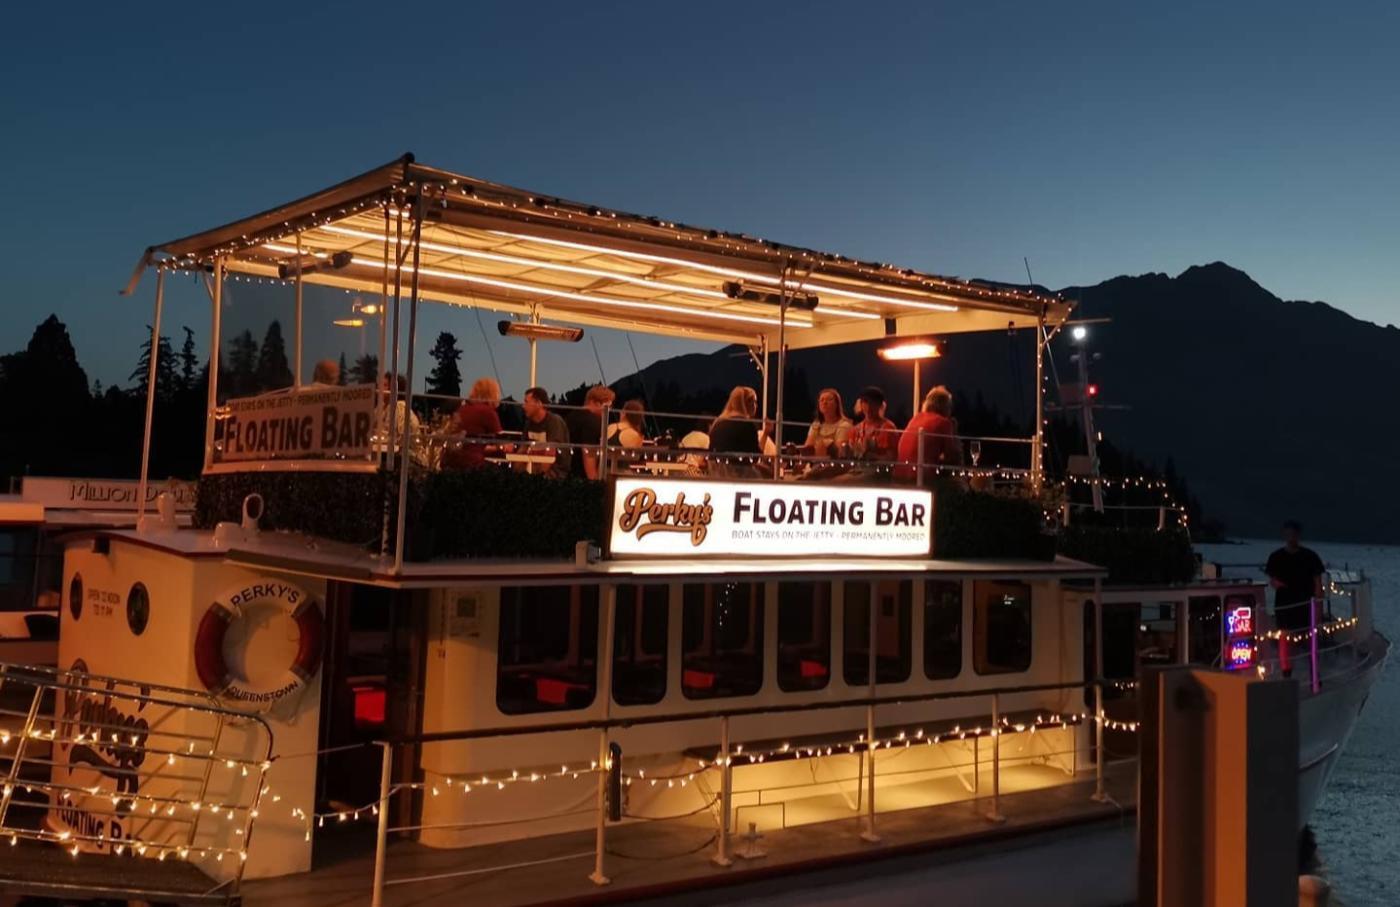 Perky's Floating Bar at night